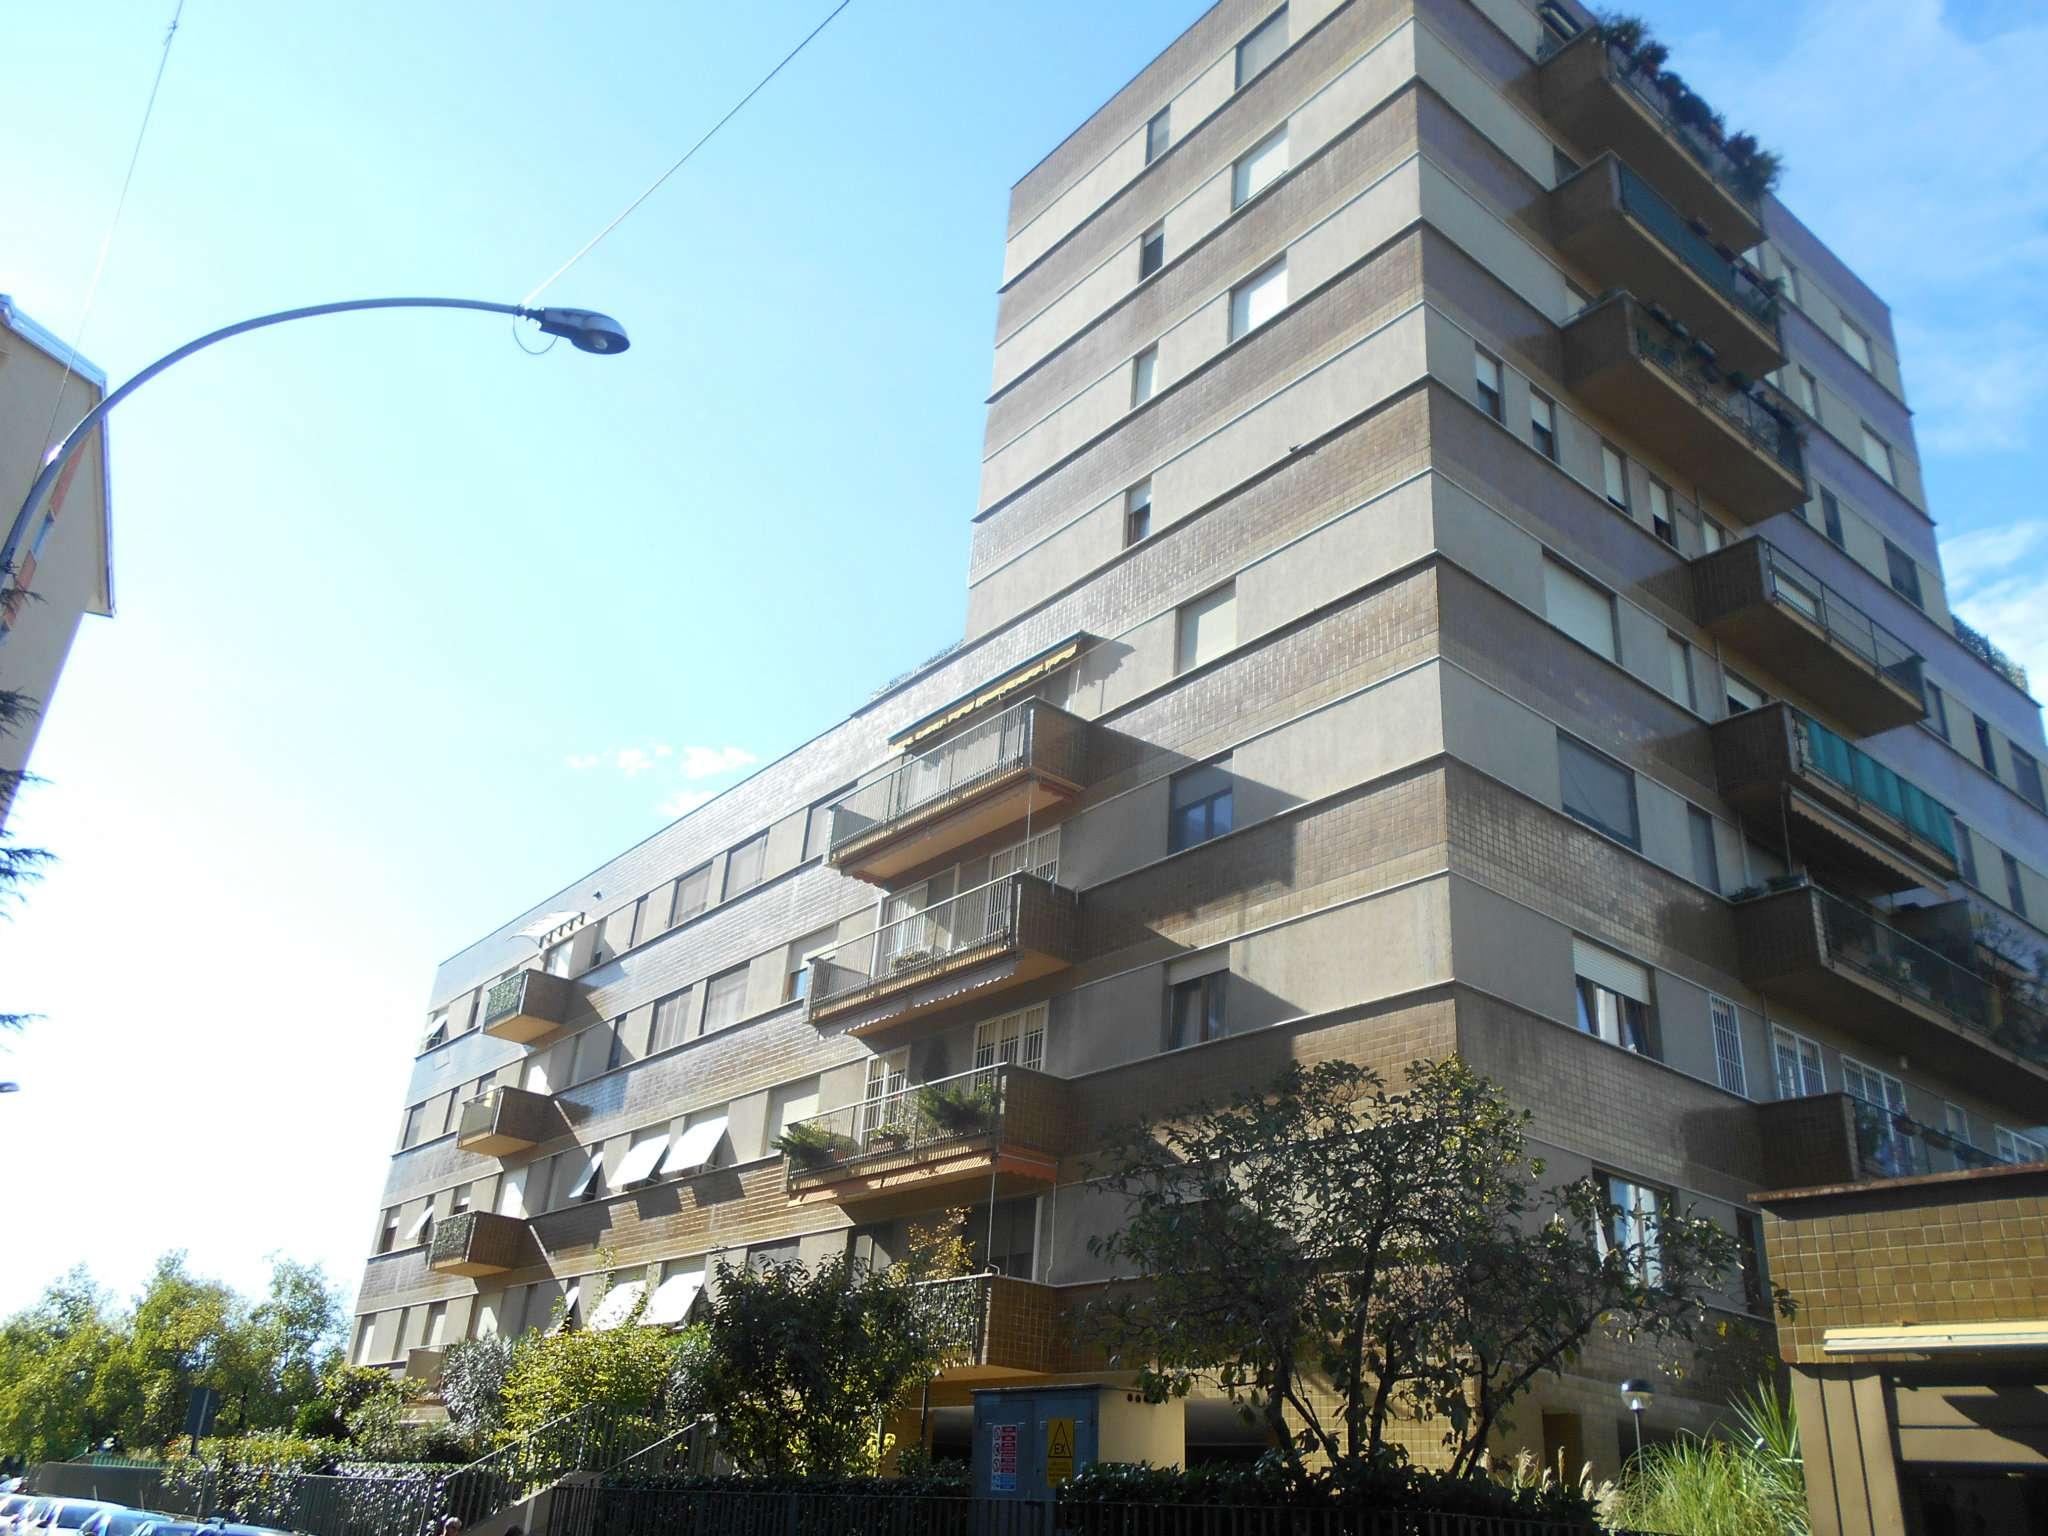 Appartamento in affitto a Corsico, 1 locali, prezzo € 630 | CambioCasa.it